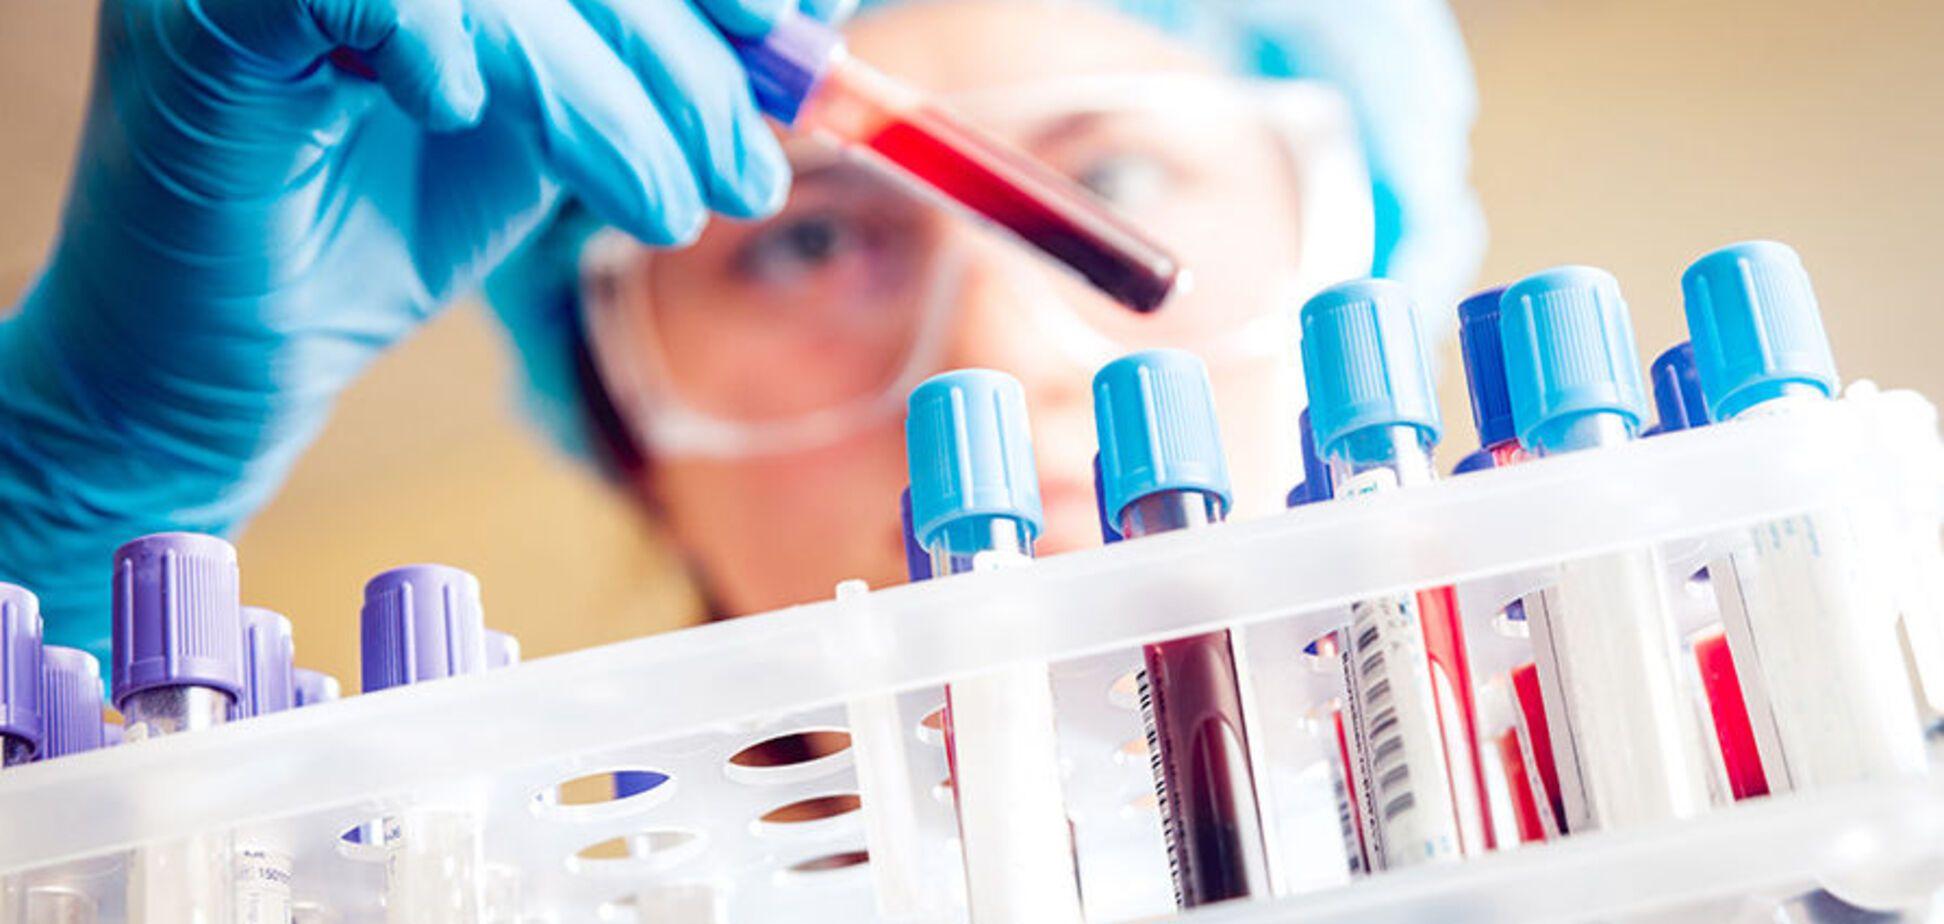 Ученые создали антитело, уничтожающее 99% штамов ВИЧ